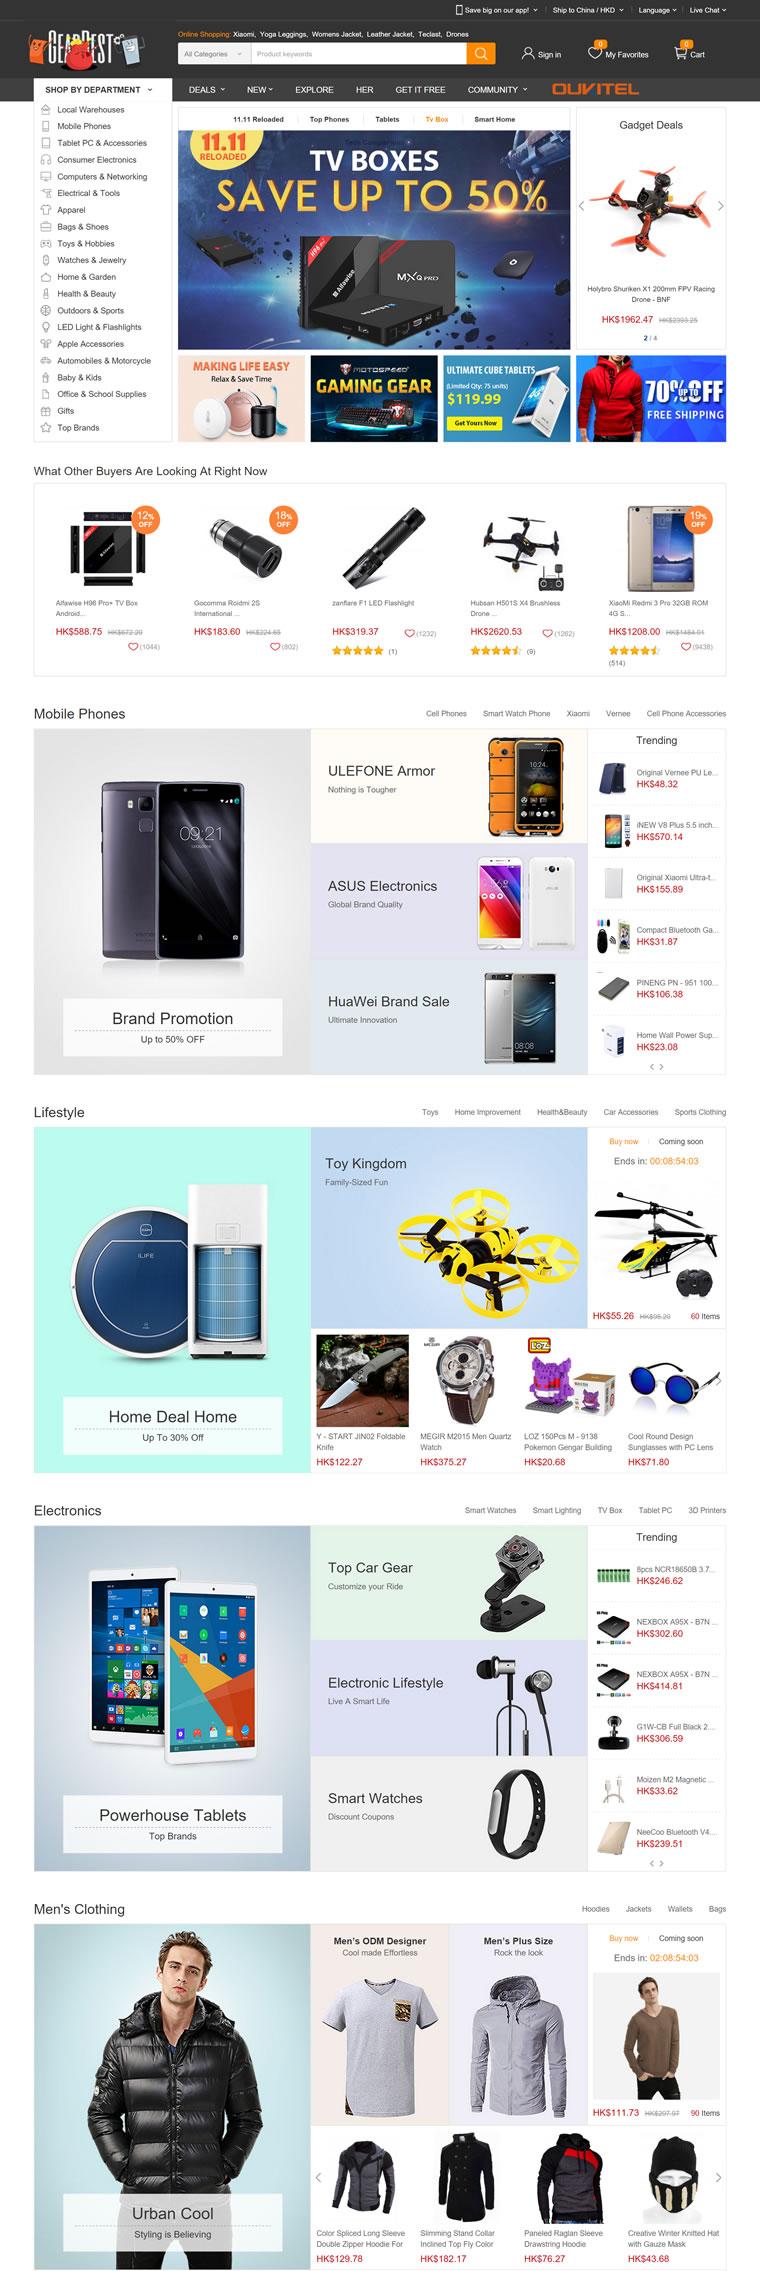 很酷的小工具和电子产品商城:GearBest